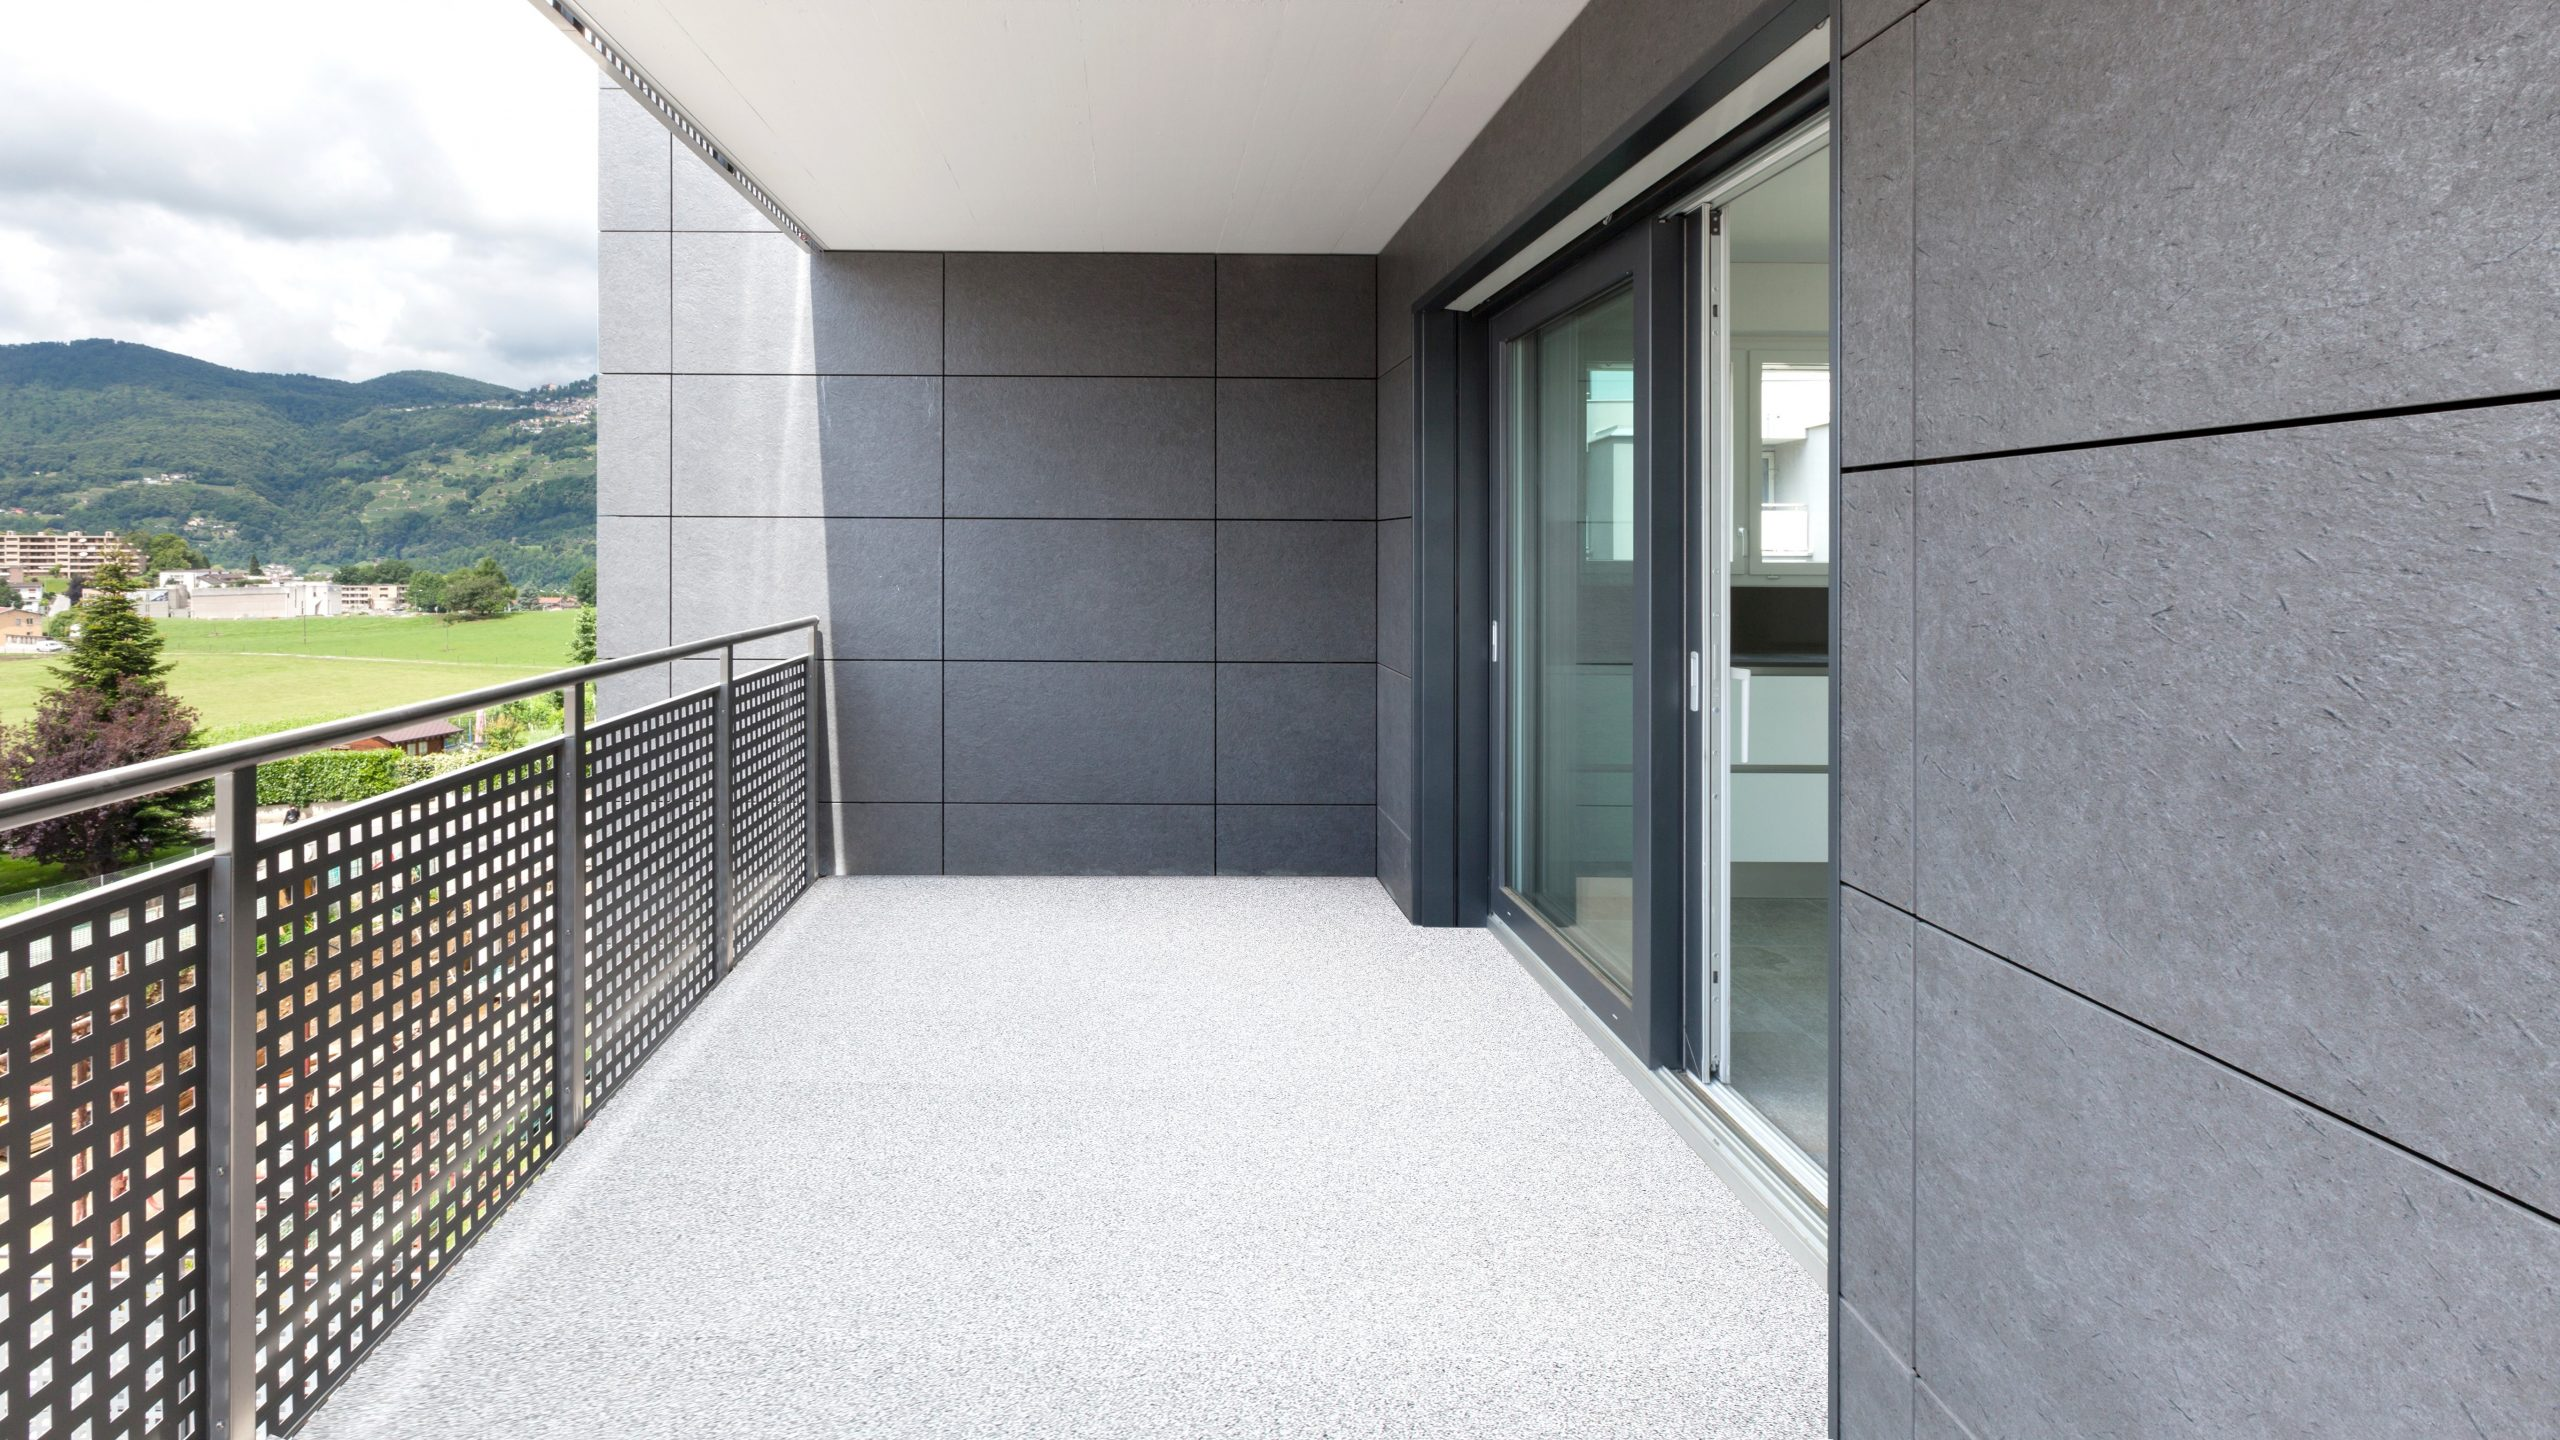 Nischenbalkon BALKOFLOOR Aluminium Bodenbelag für Freiflächen